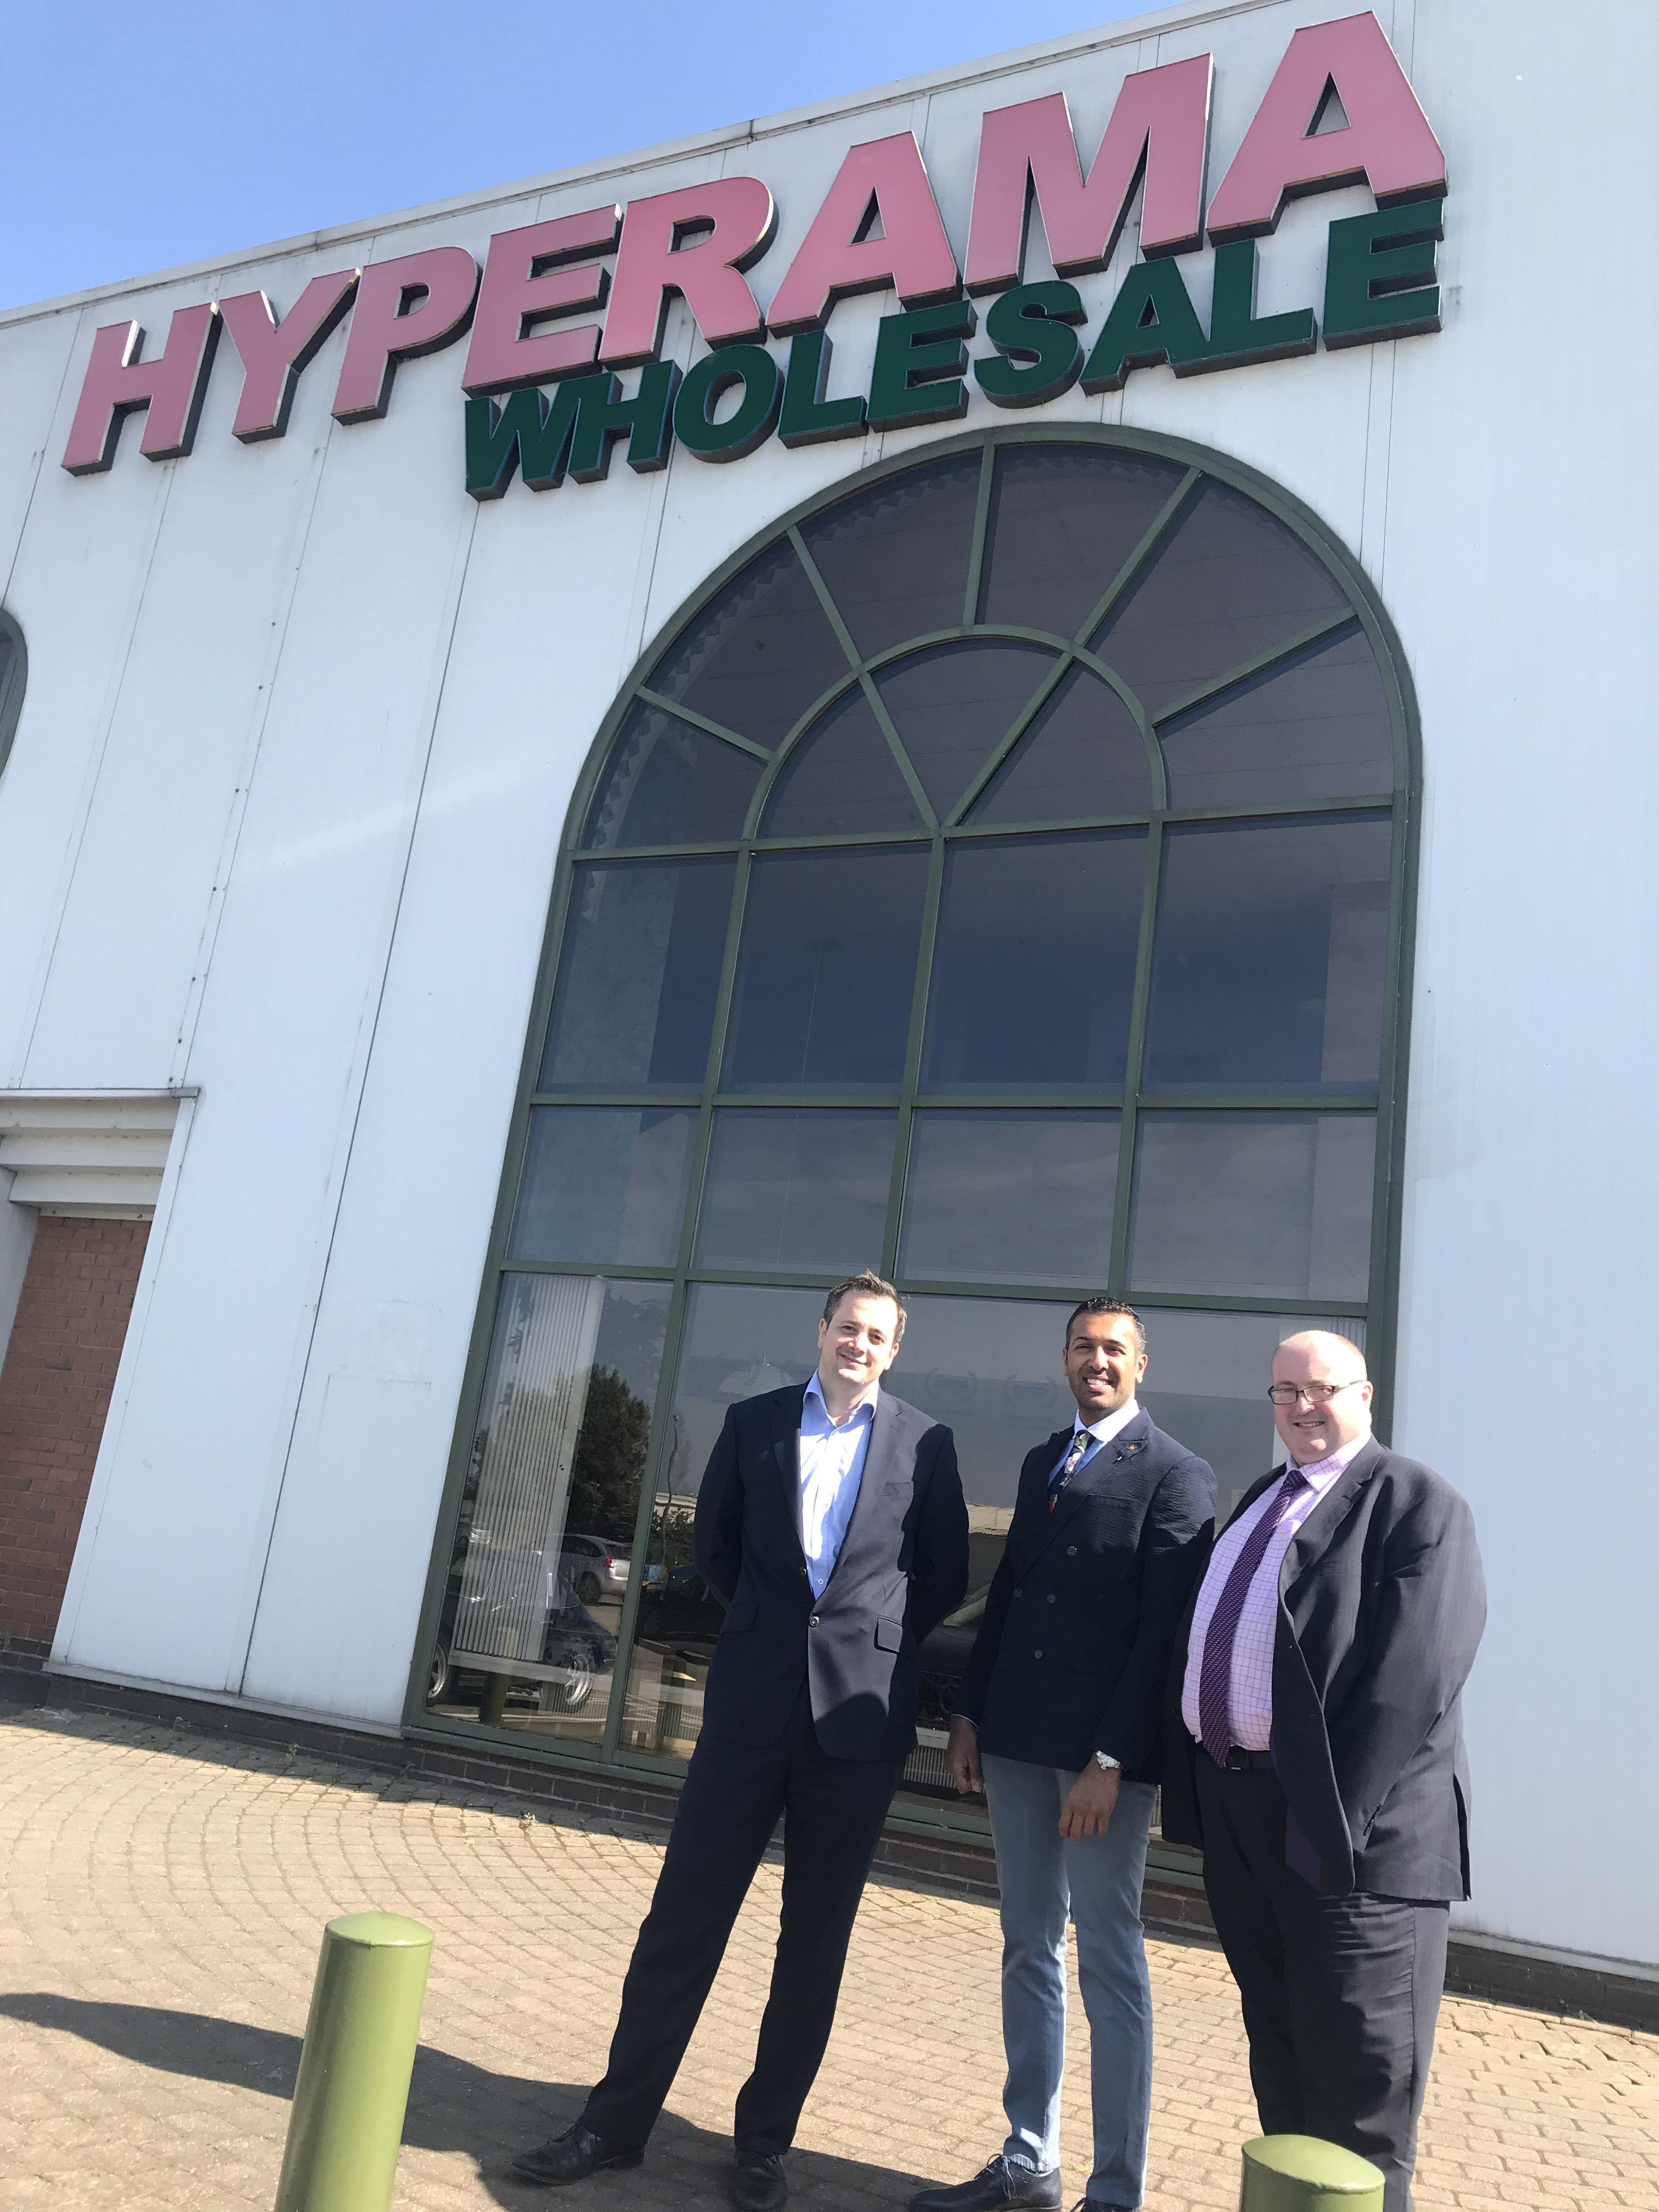 HSBC UK funding feeds Hyperama's expansion plan